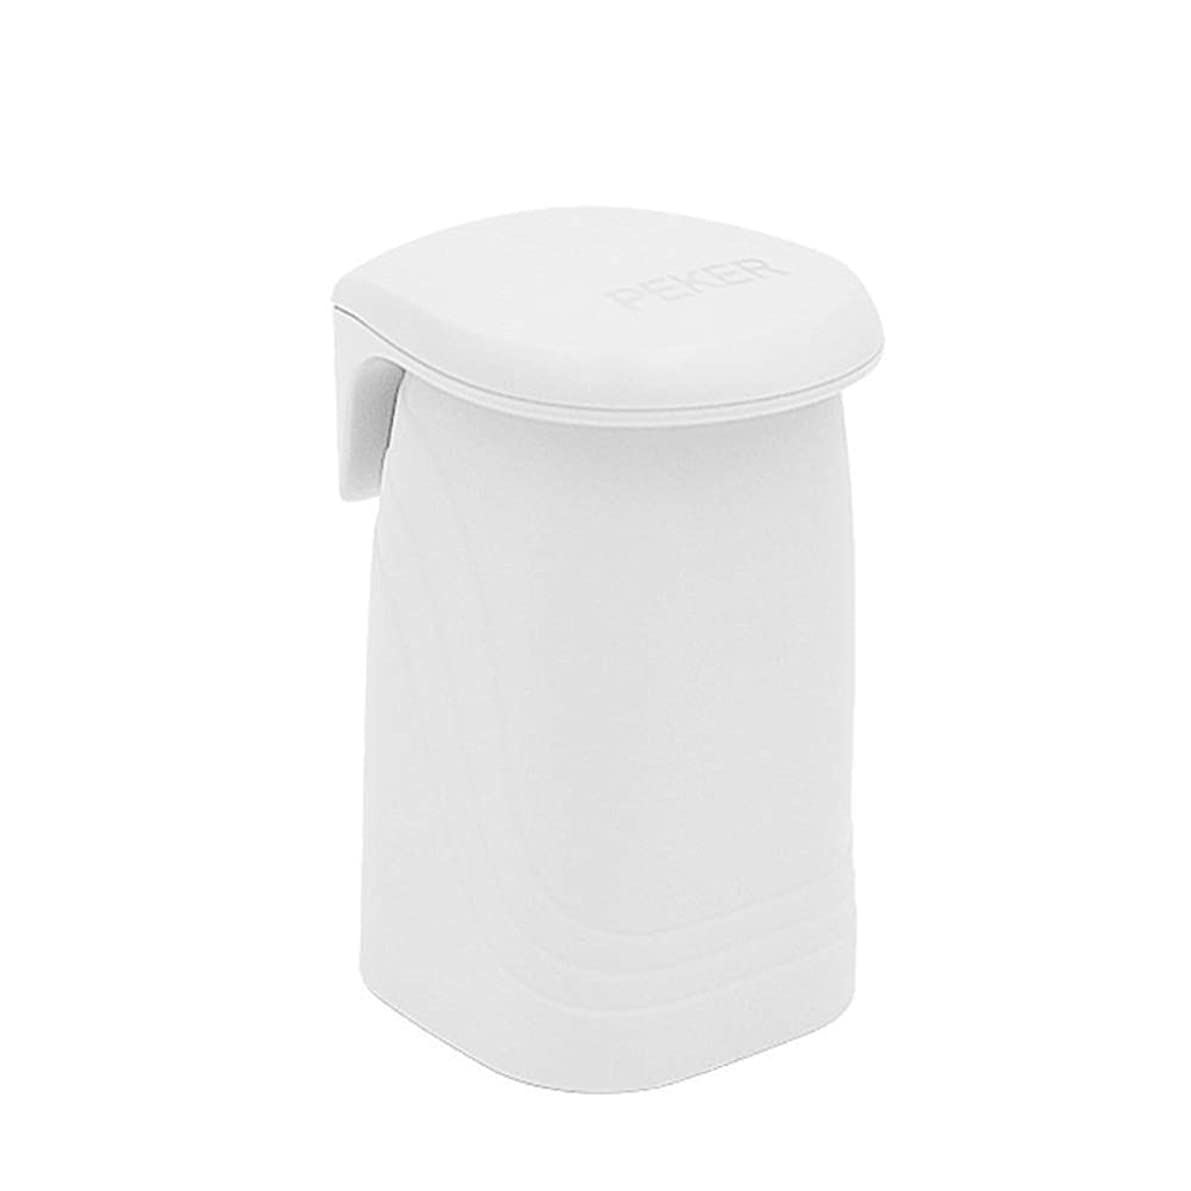 同様に喜ぶあいまい歯磨きコップ 歯ブラシコップ 浴室用コップ うがいコップ うがいカップ 歯みがきコップ マグネットコップ カップ 携帯便利 洗面用品 洗面所(プラスチック製) (クリーム)